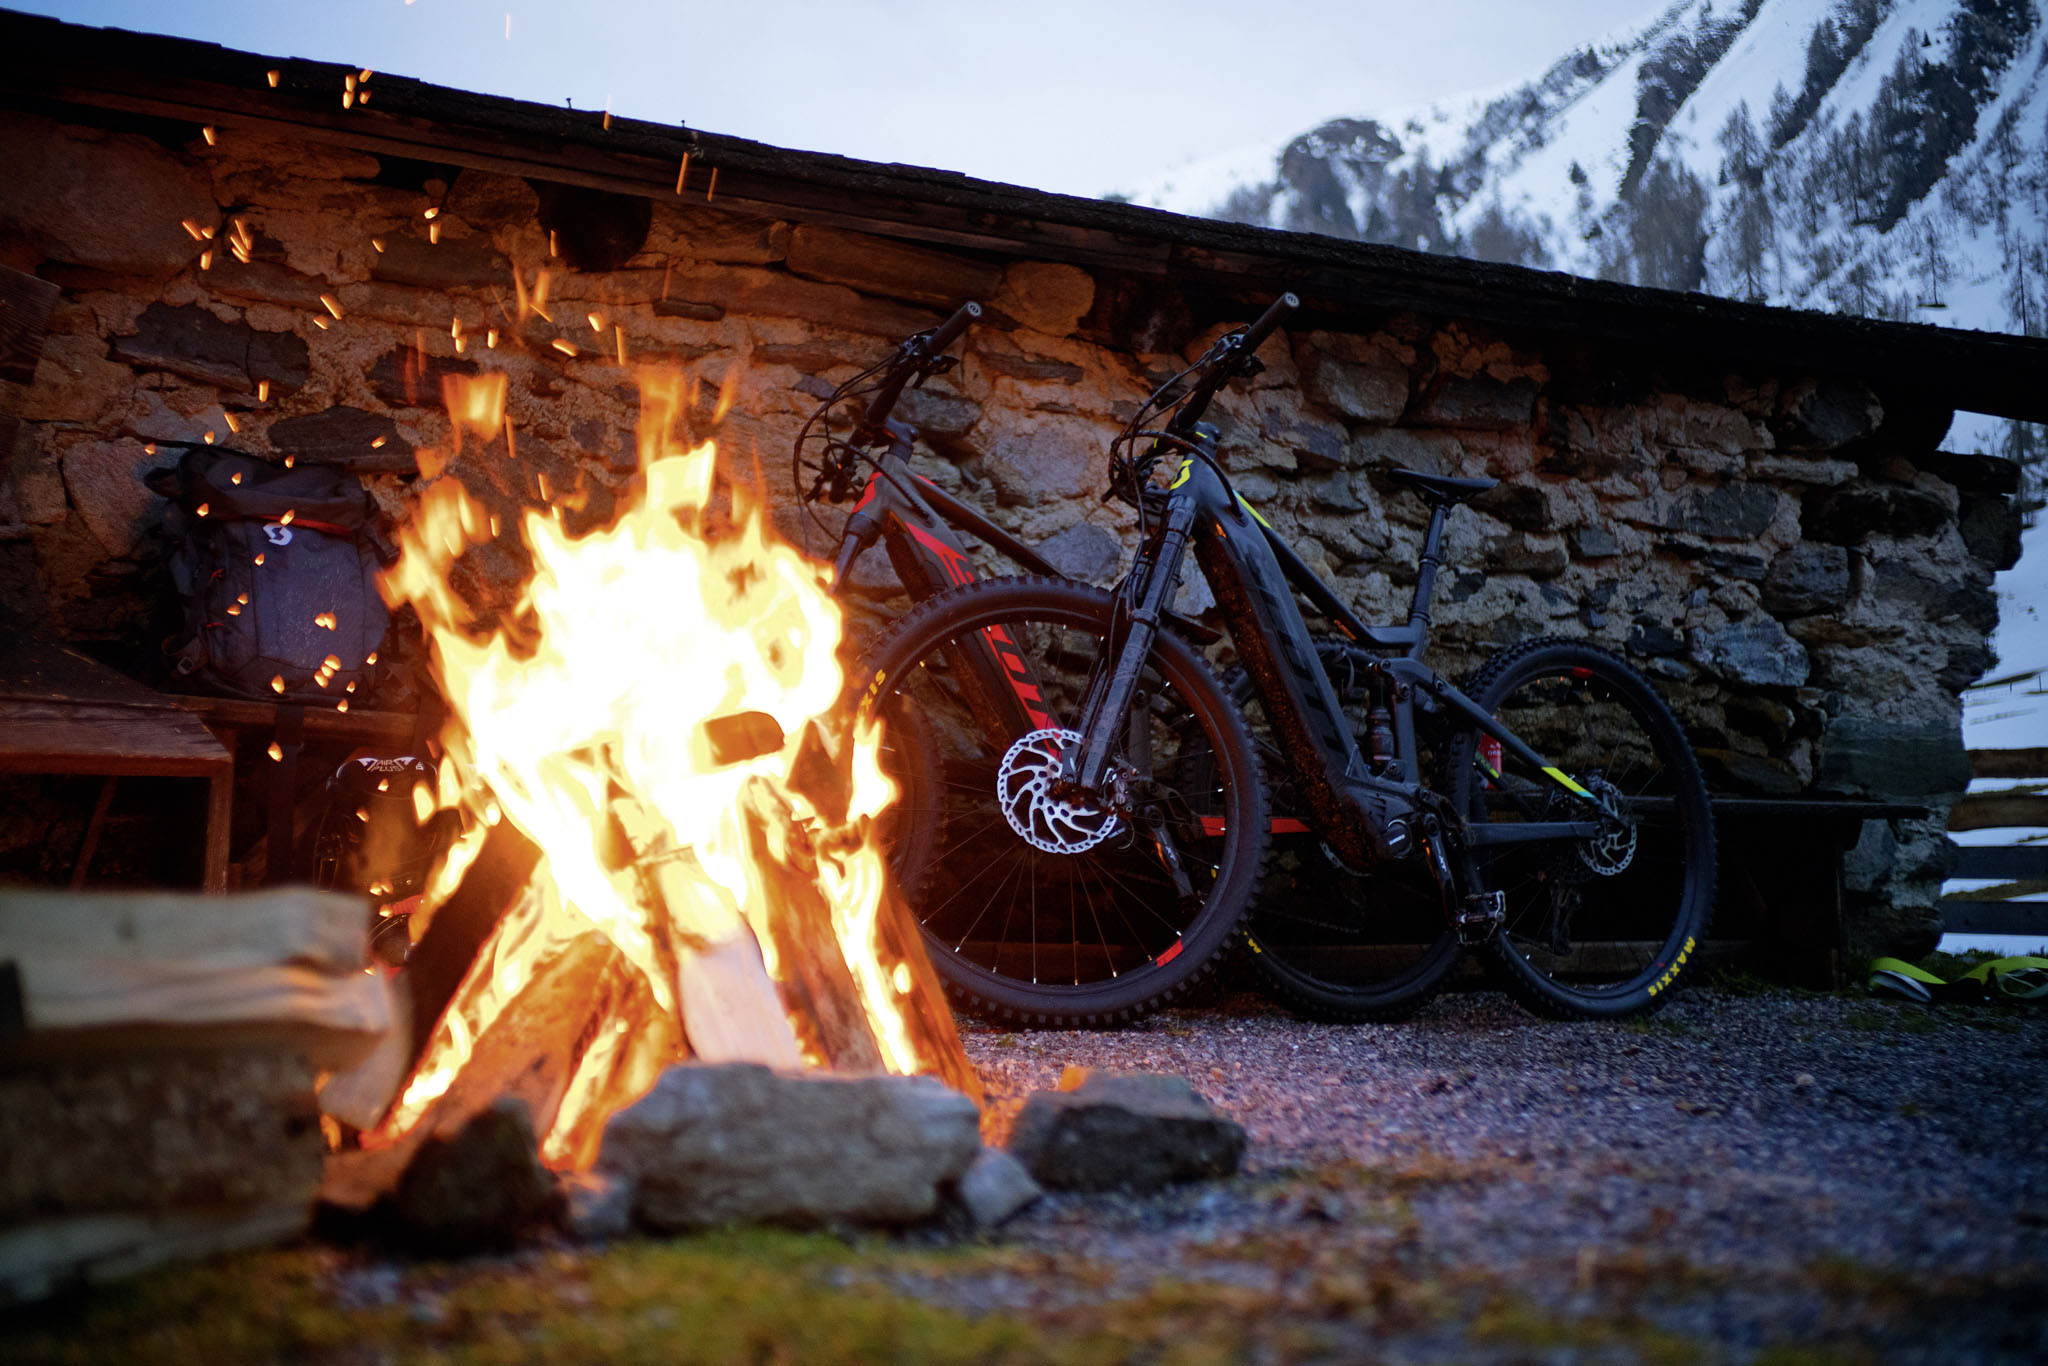 """Die beiden """"Scott e-Genius"""" Bikes, mit denen Roman & Philipp unterwegs waren. - Foto: Roman Lachner"""